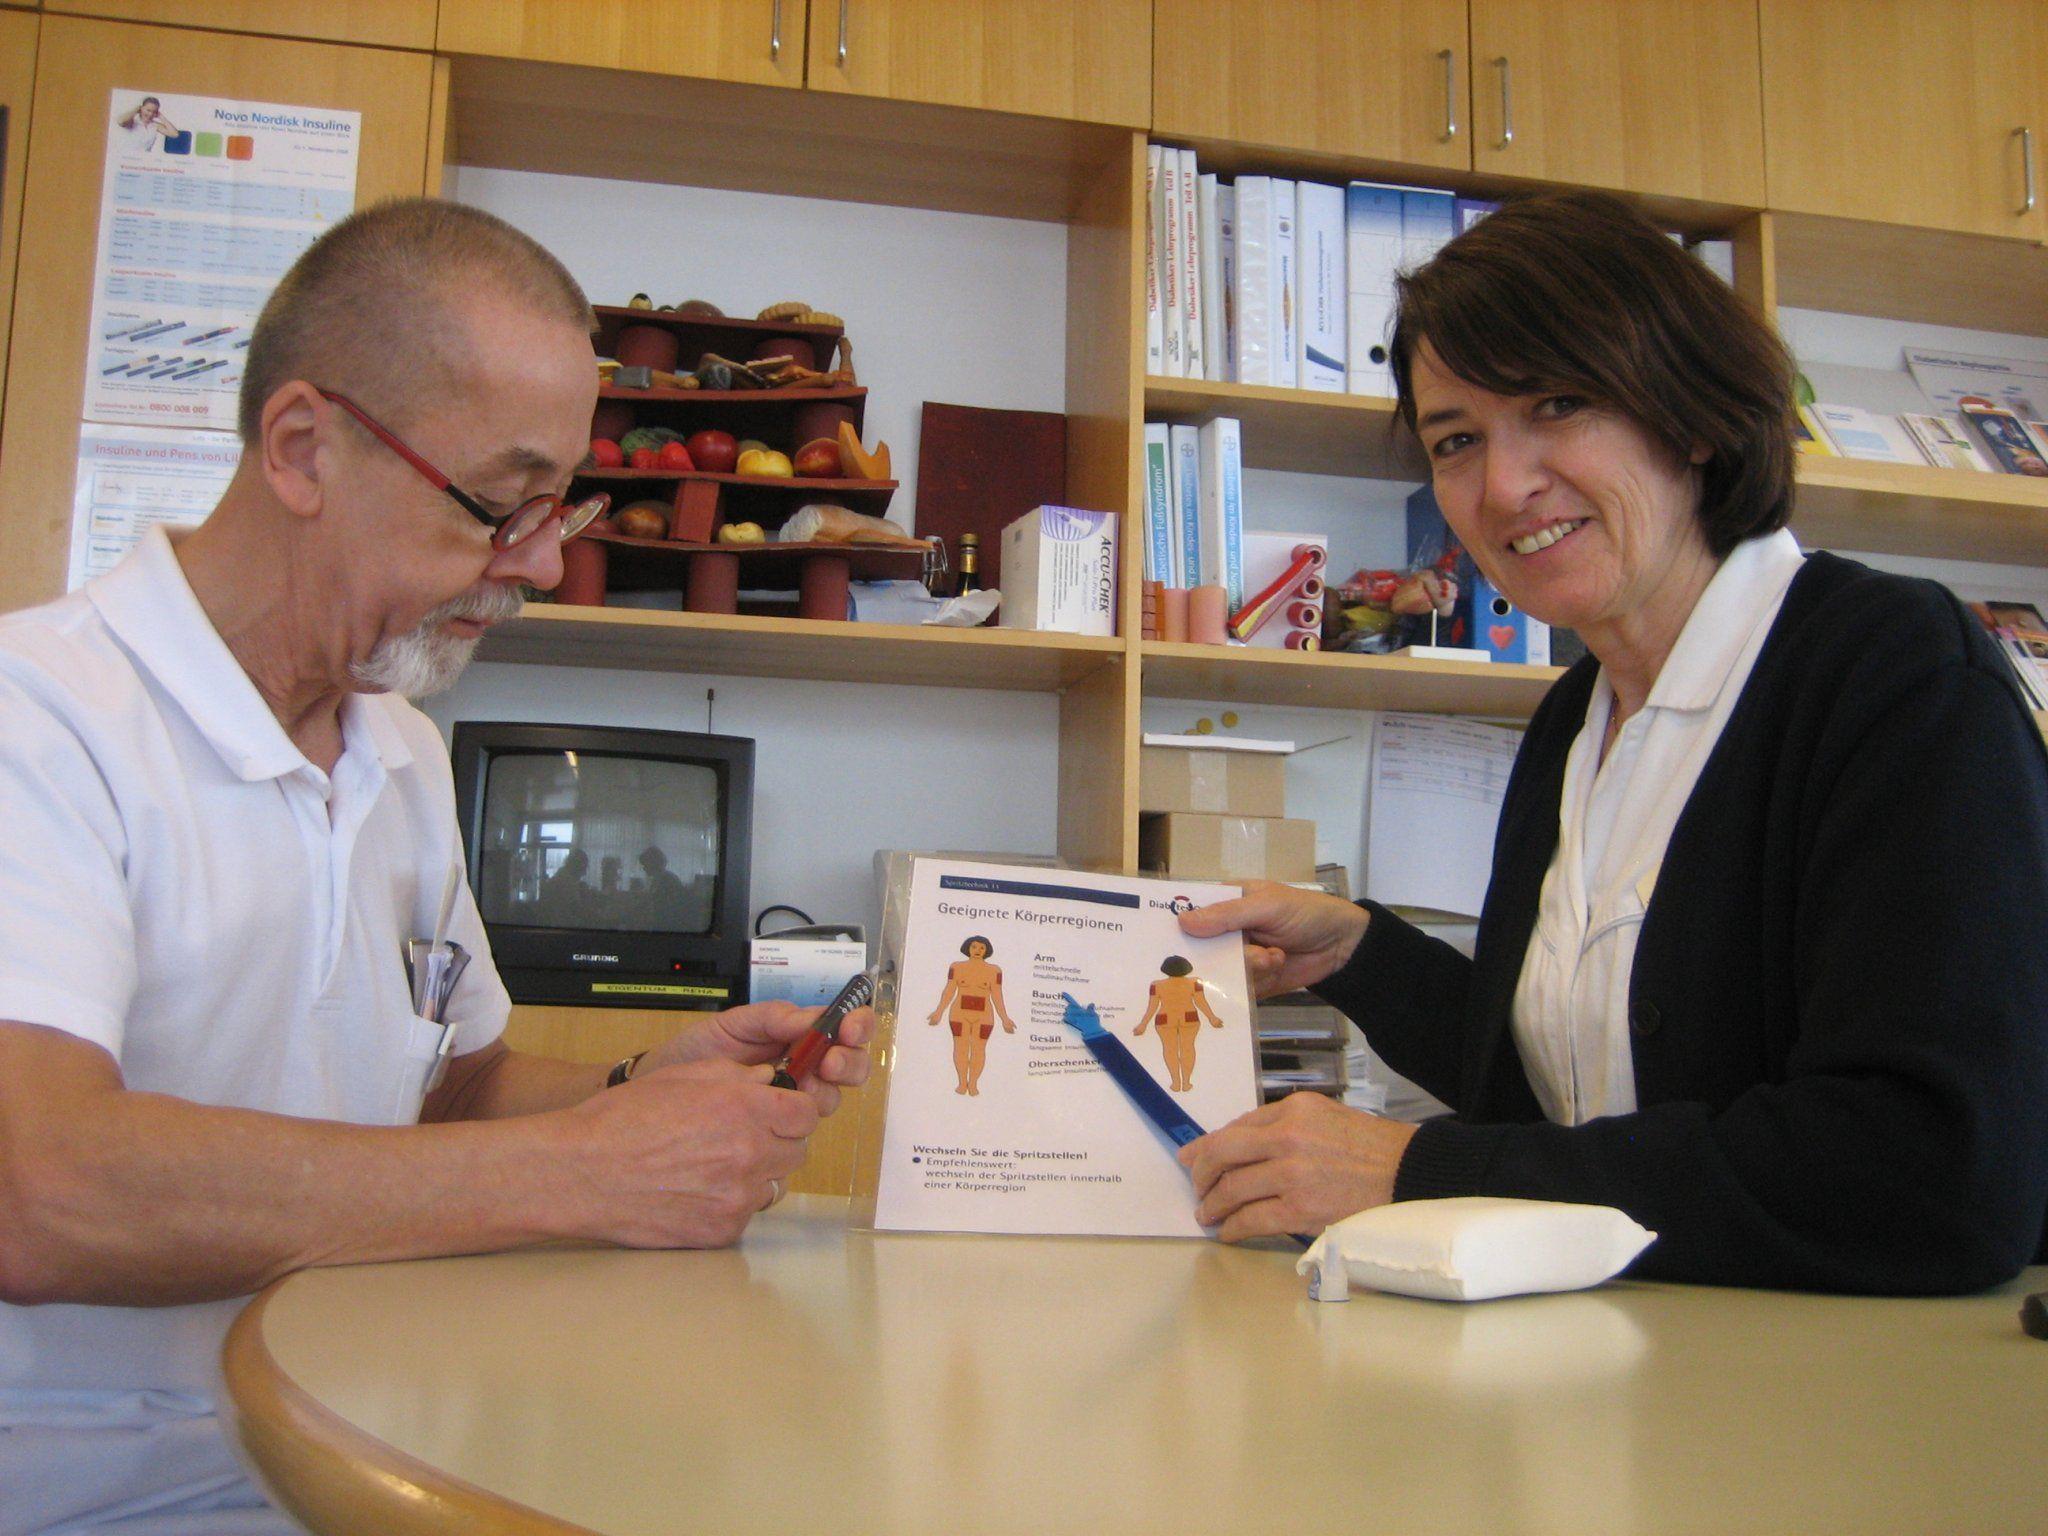 Das wöchentliche Programm für Diabetiker startet ab 21. März.